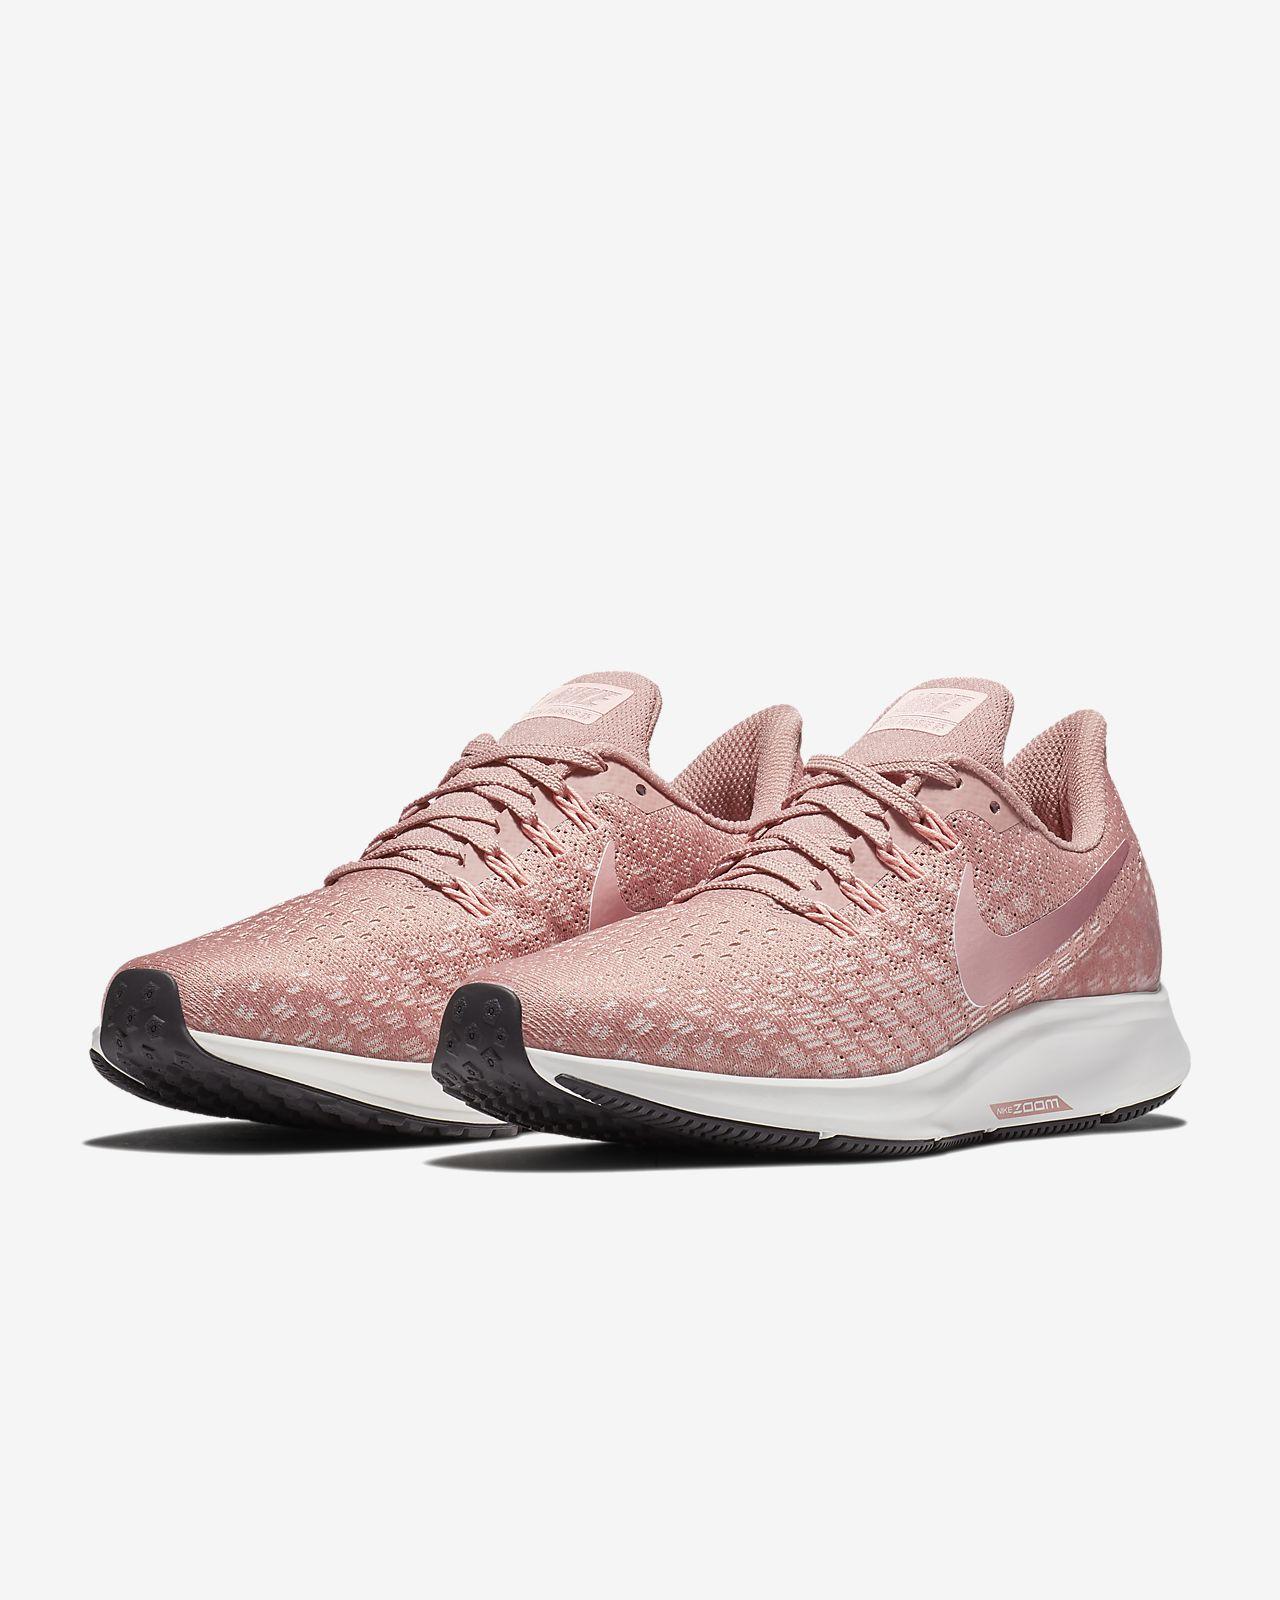 scarpa da running nike air zoom pegasus 35 rust pinkguava